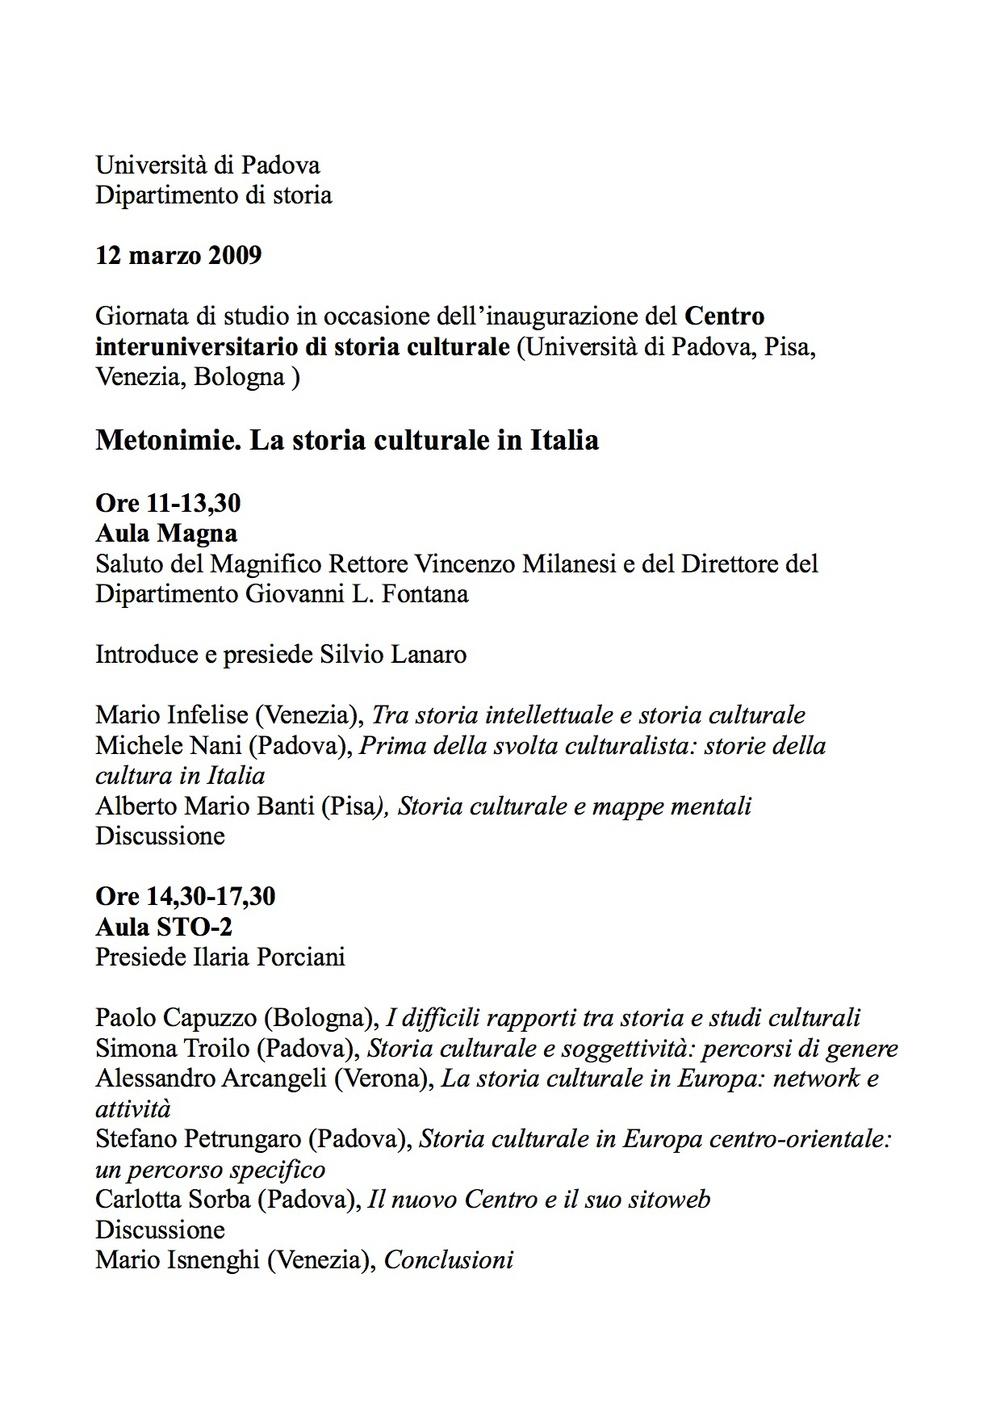 2009-03 (PD) Metonimie.jpg